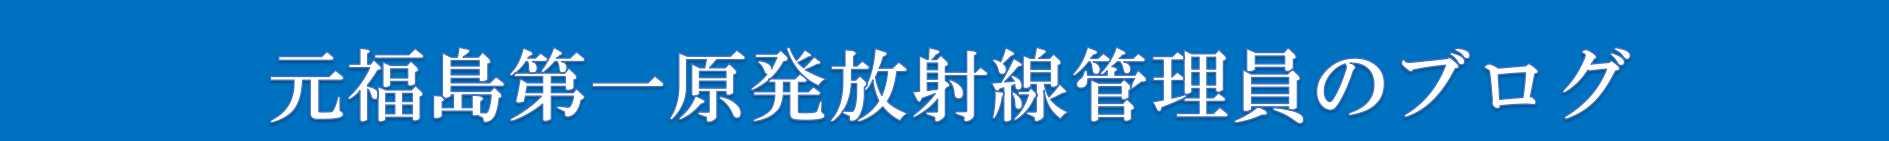 元福島第一原発放射線管理員のブログ